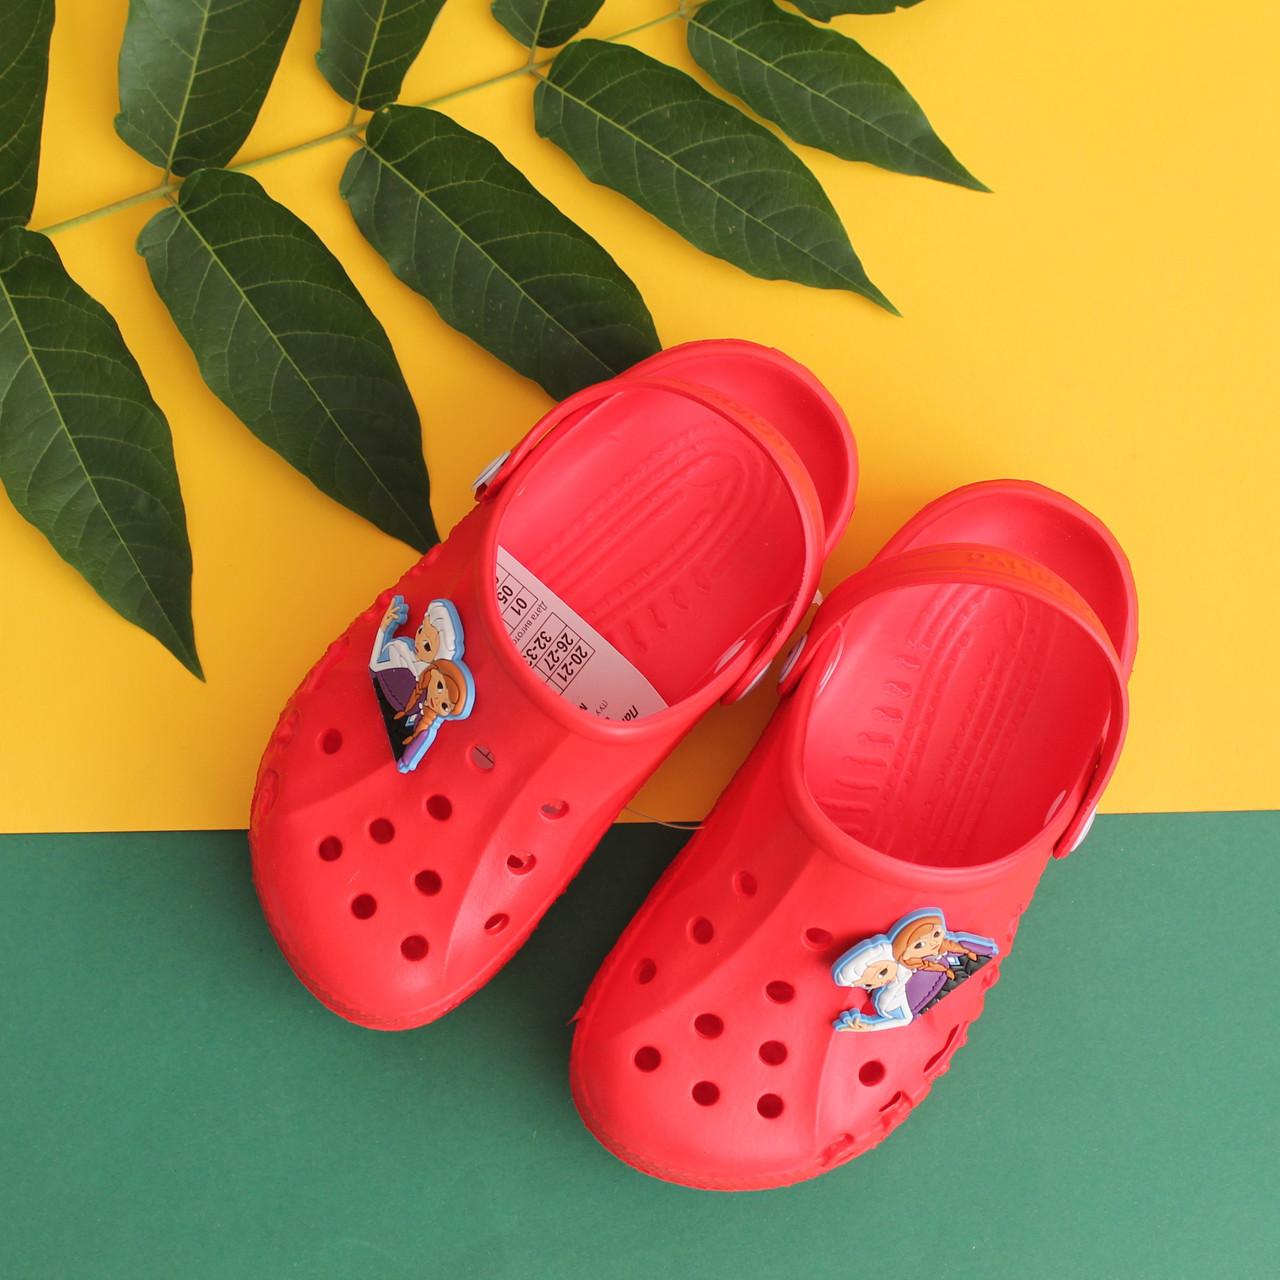 Детские кроксы оптом пляжная обувь недорого производитель Украина р. 20-35  - Style- ed518d7c6ca